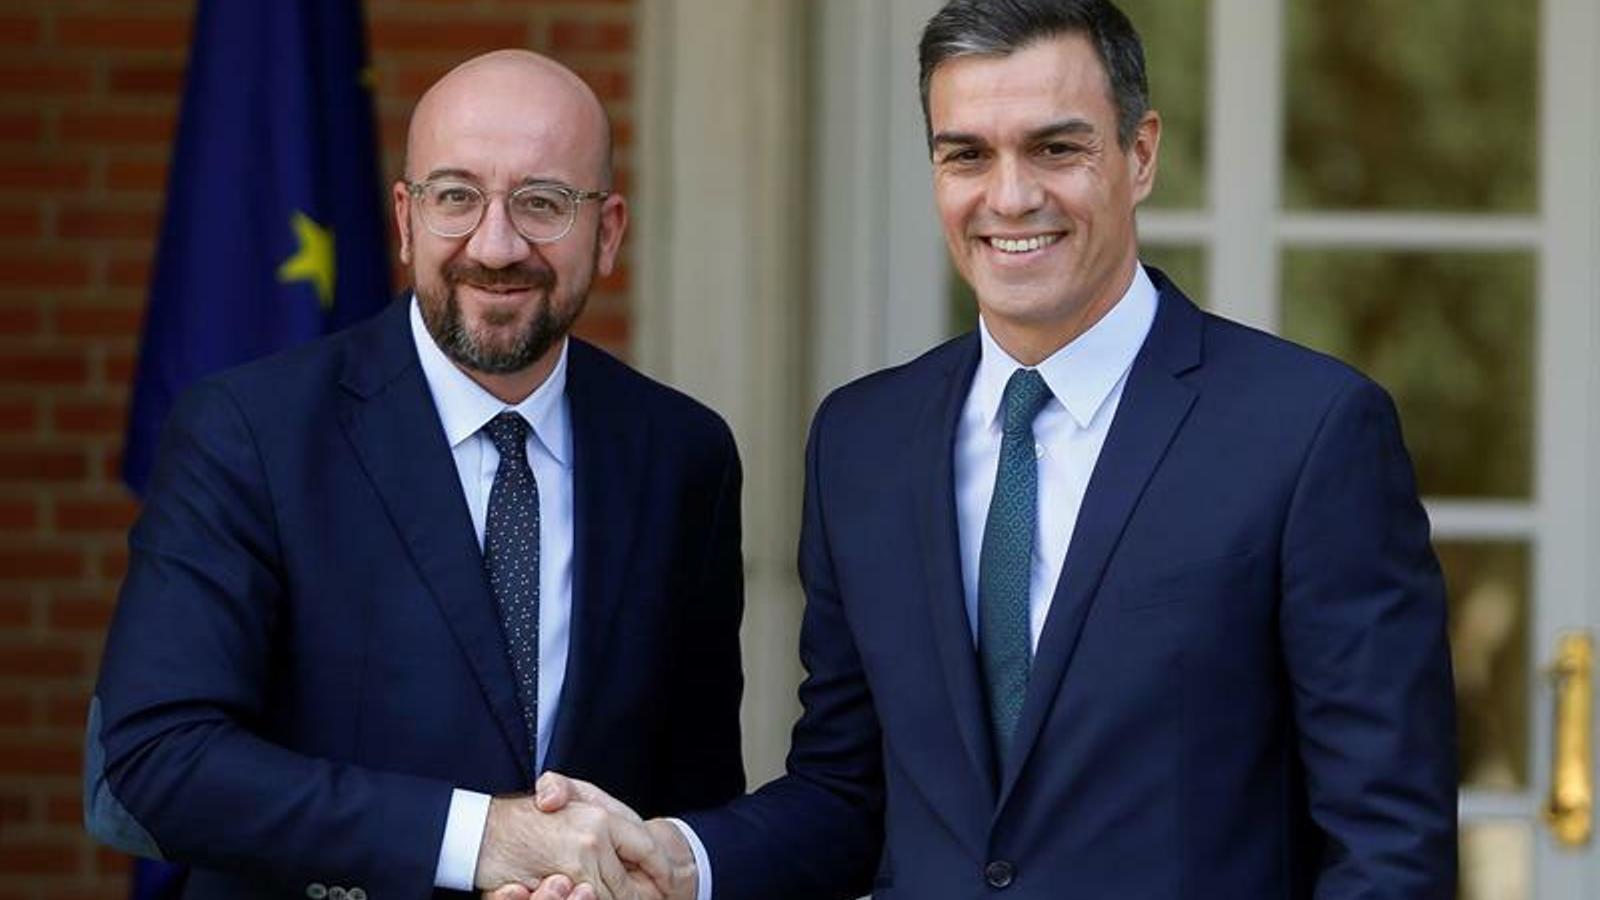 El president electe del consell europeu, Charles Michel, i el president del govern espanyol en funcions, Pedro Sánchez, a la Moncloa